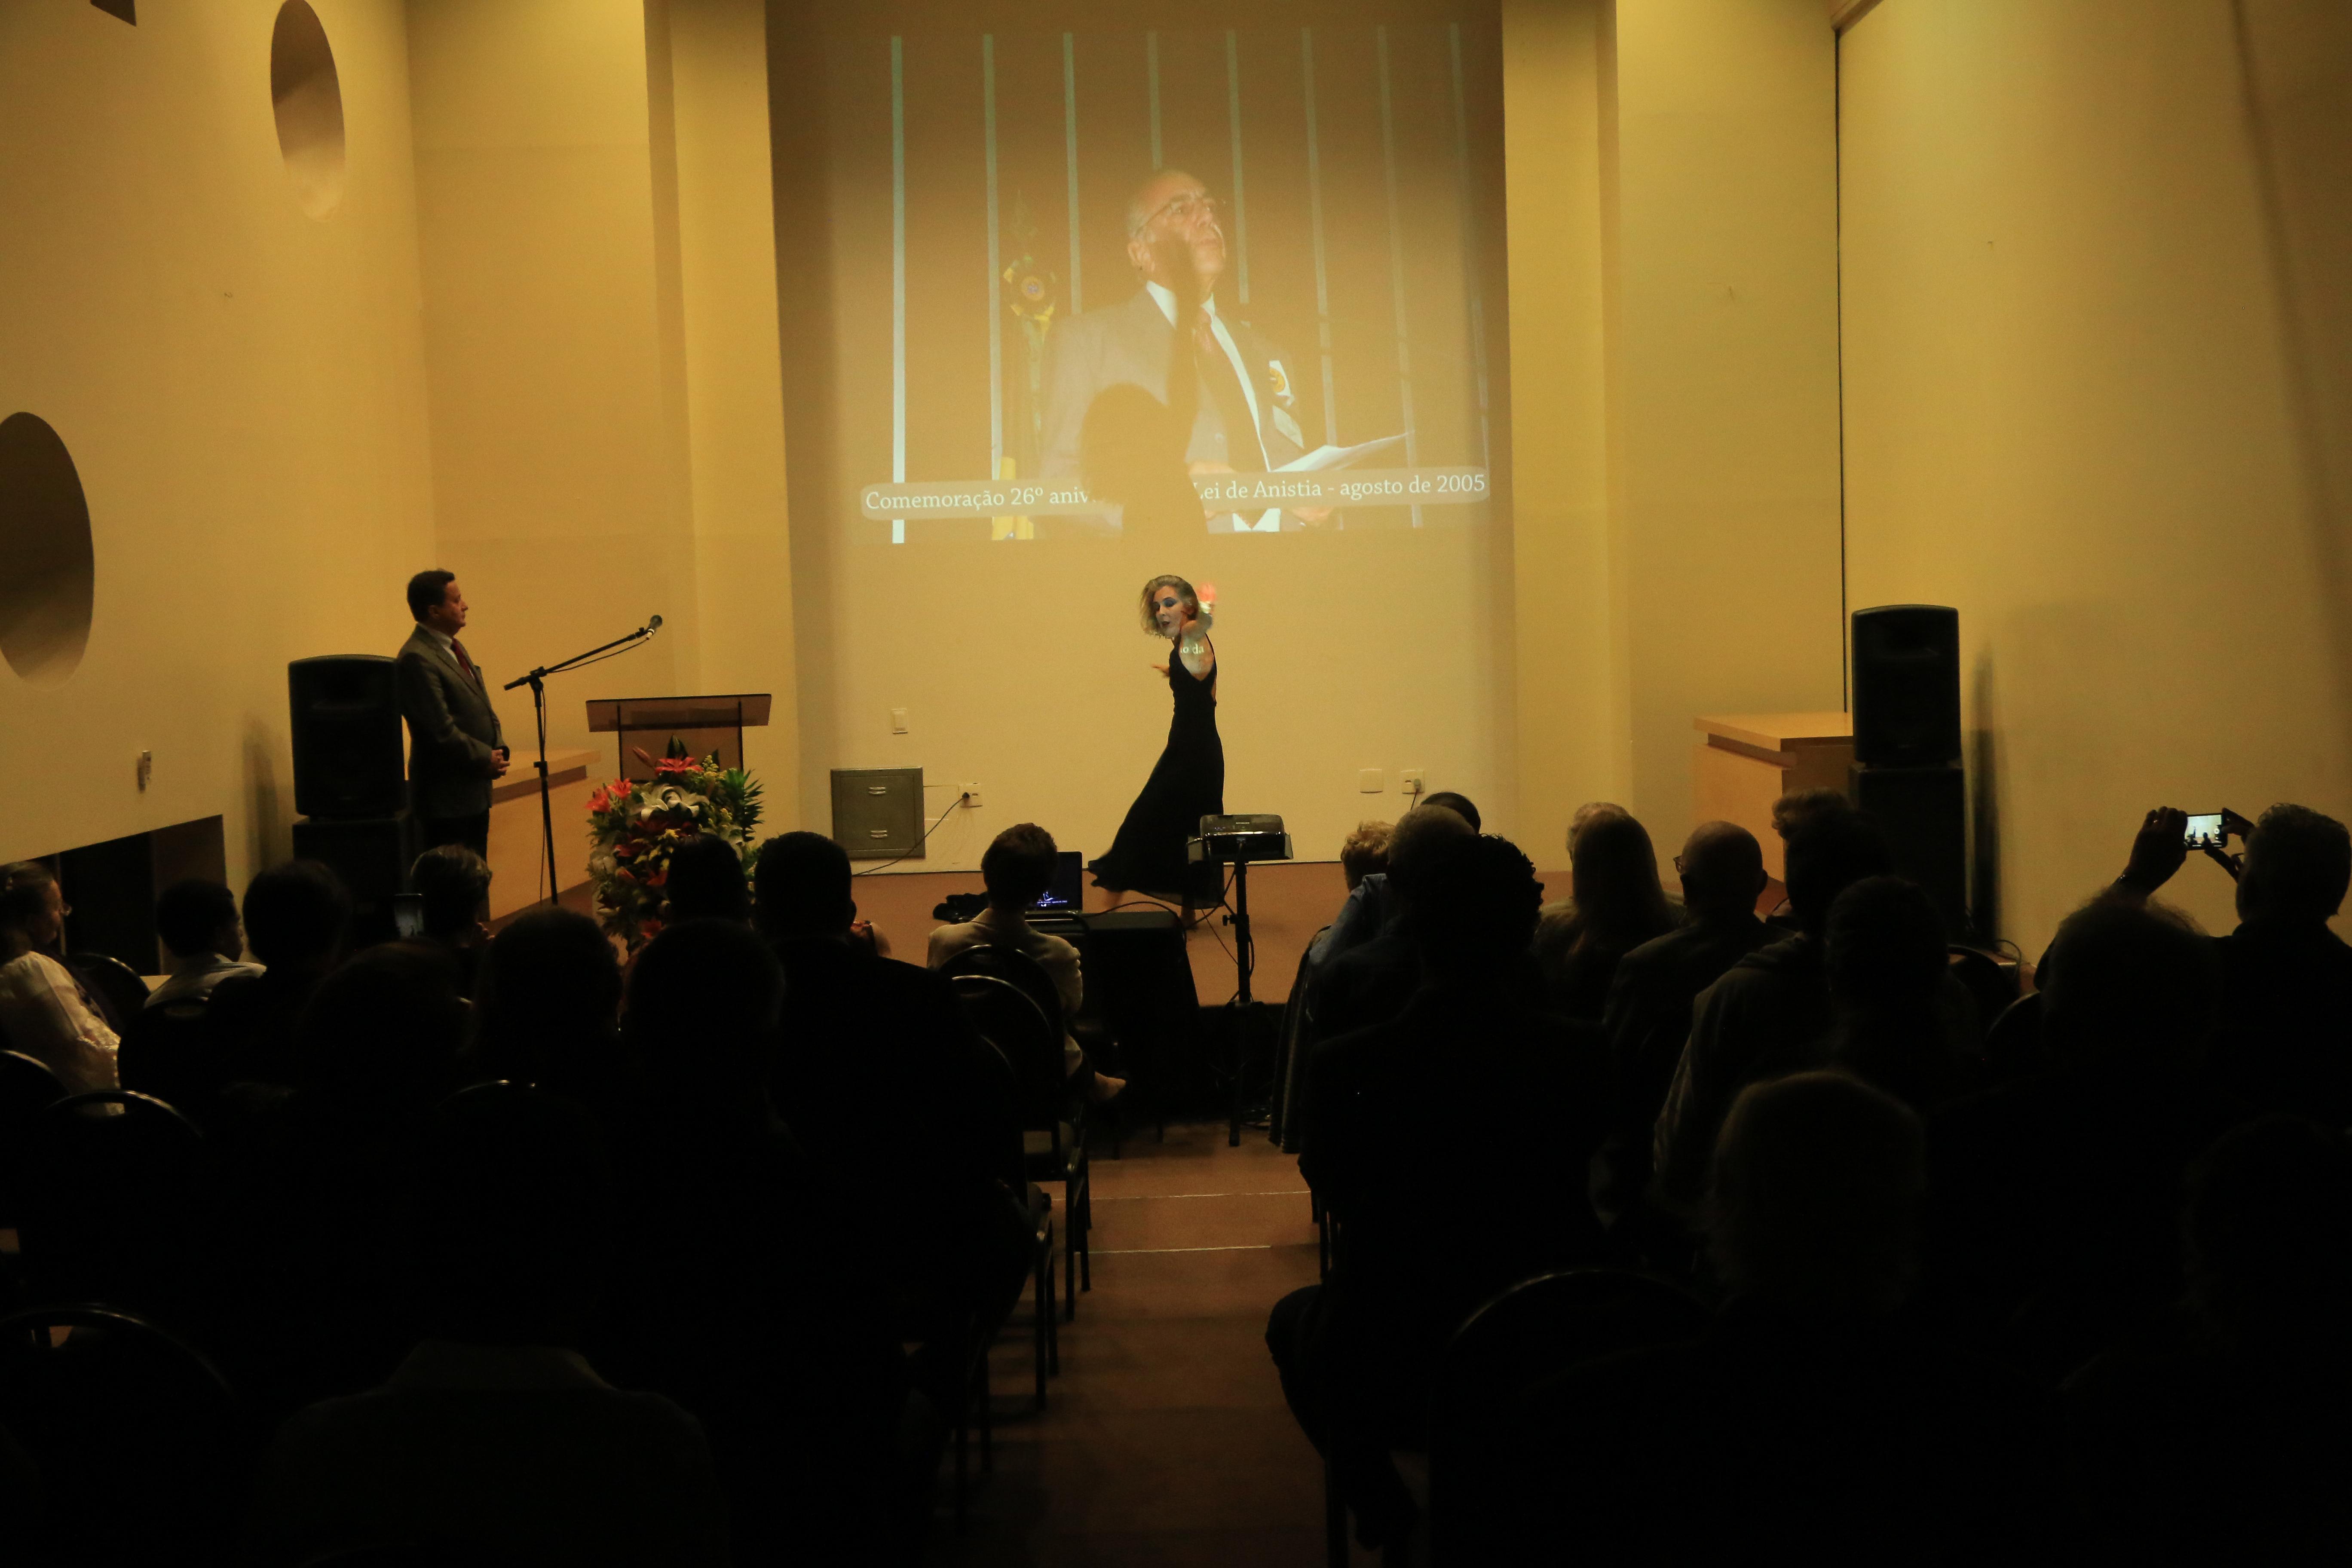 Ciane Fernandes - filha de Carlos Fernandes em apresentação artistica